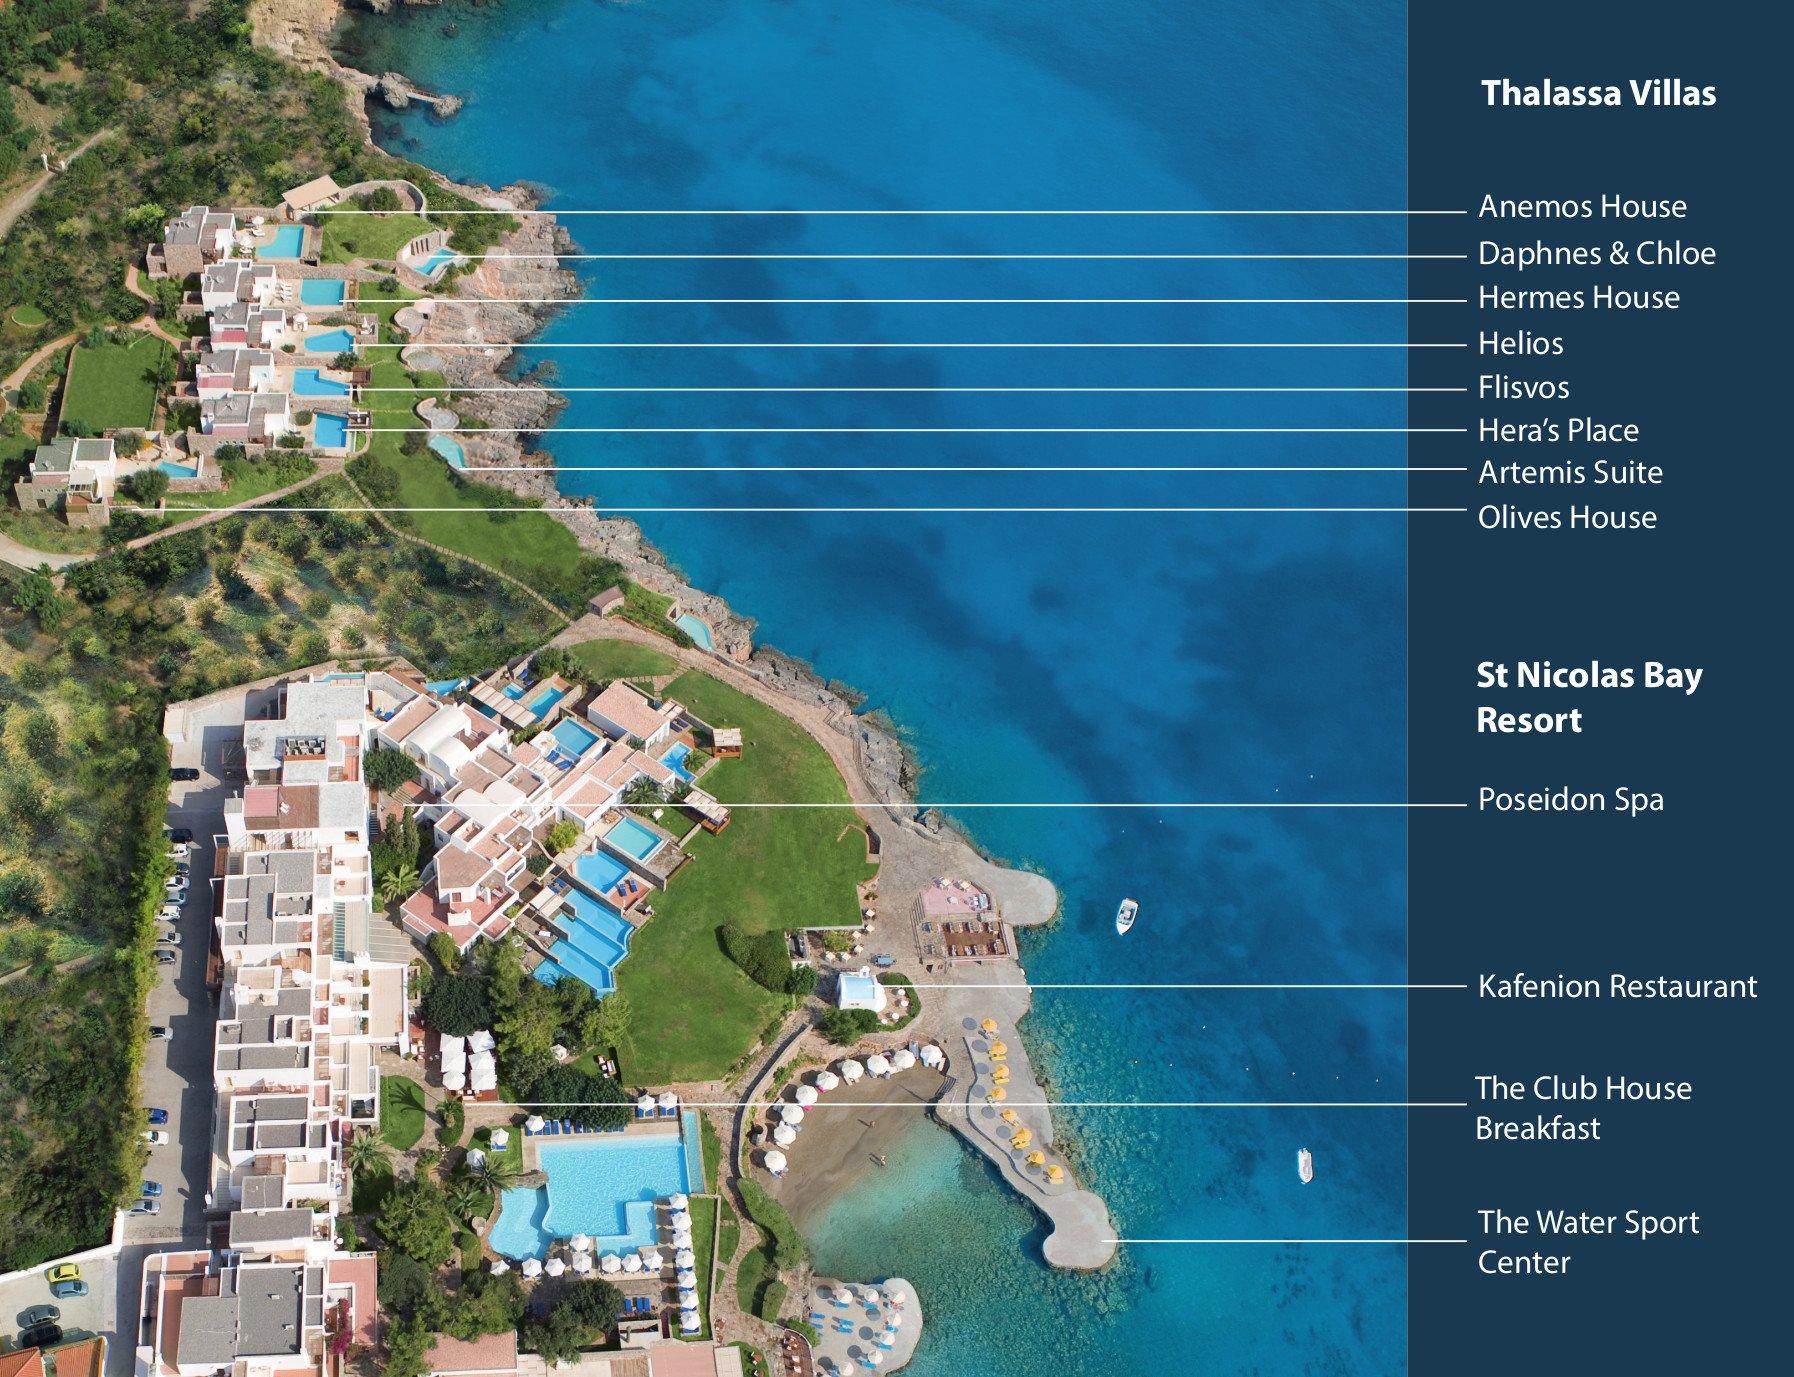 Crete Villa Holidays Agios Nikolaos Crete Thalassa Villas